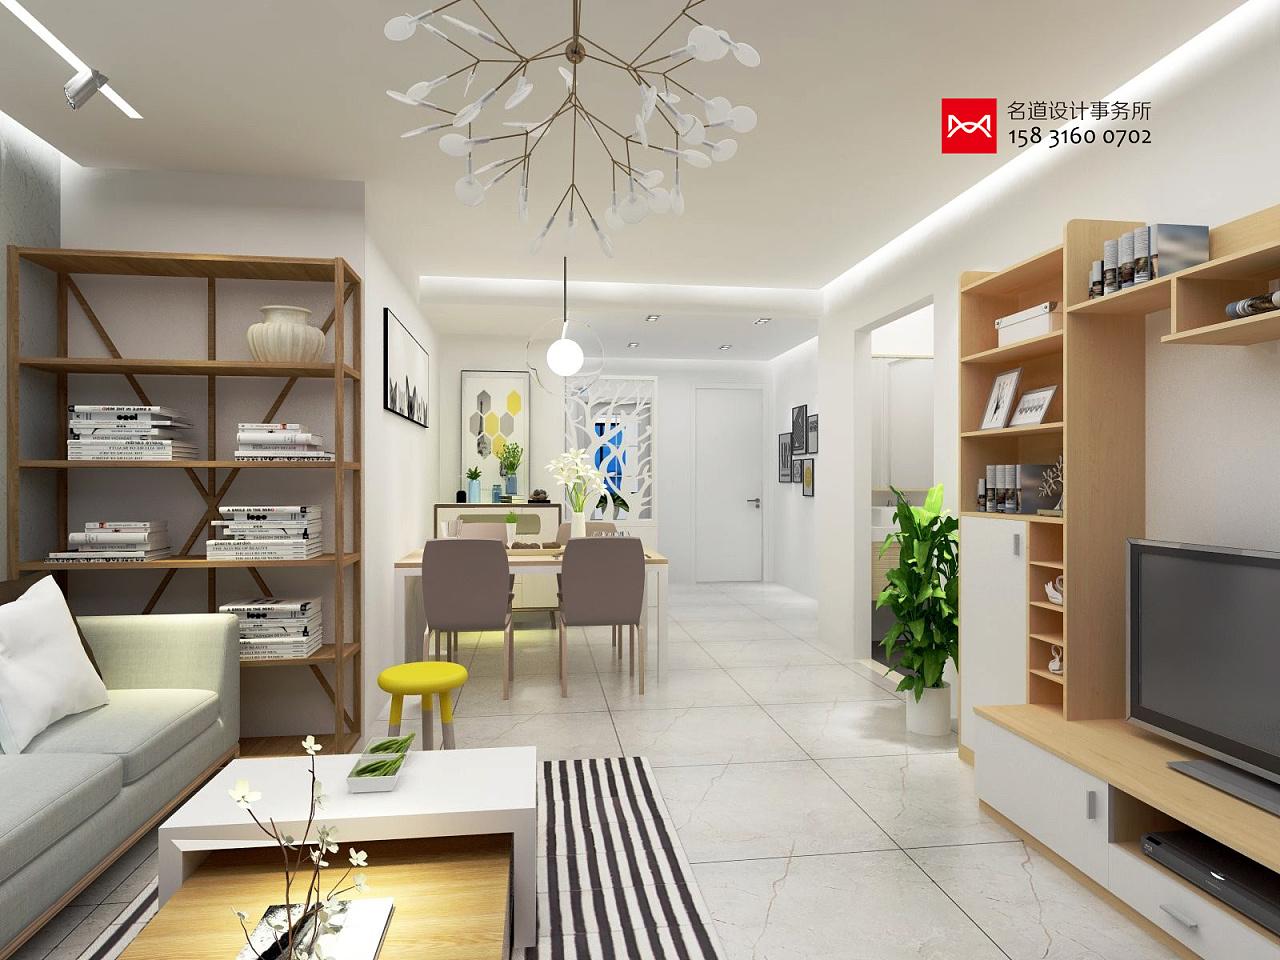 最新室内设计家园三室两厅两卫110平米廊坊文安御龙案例设计师v家园管理培训图片